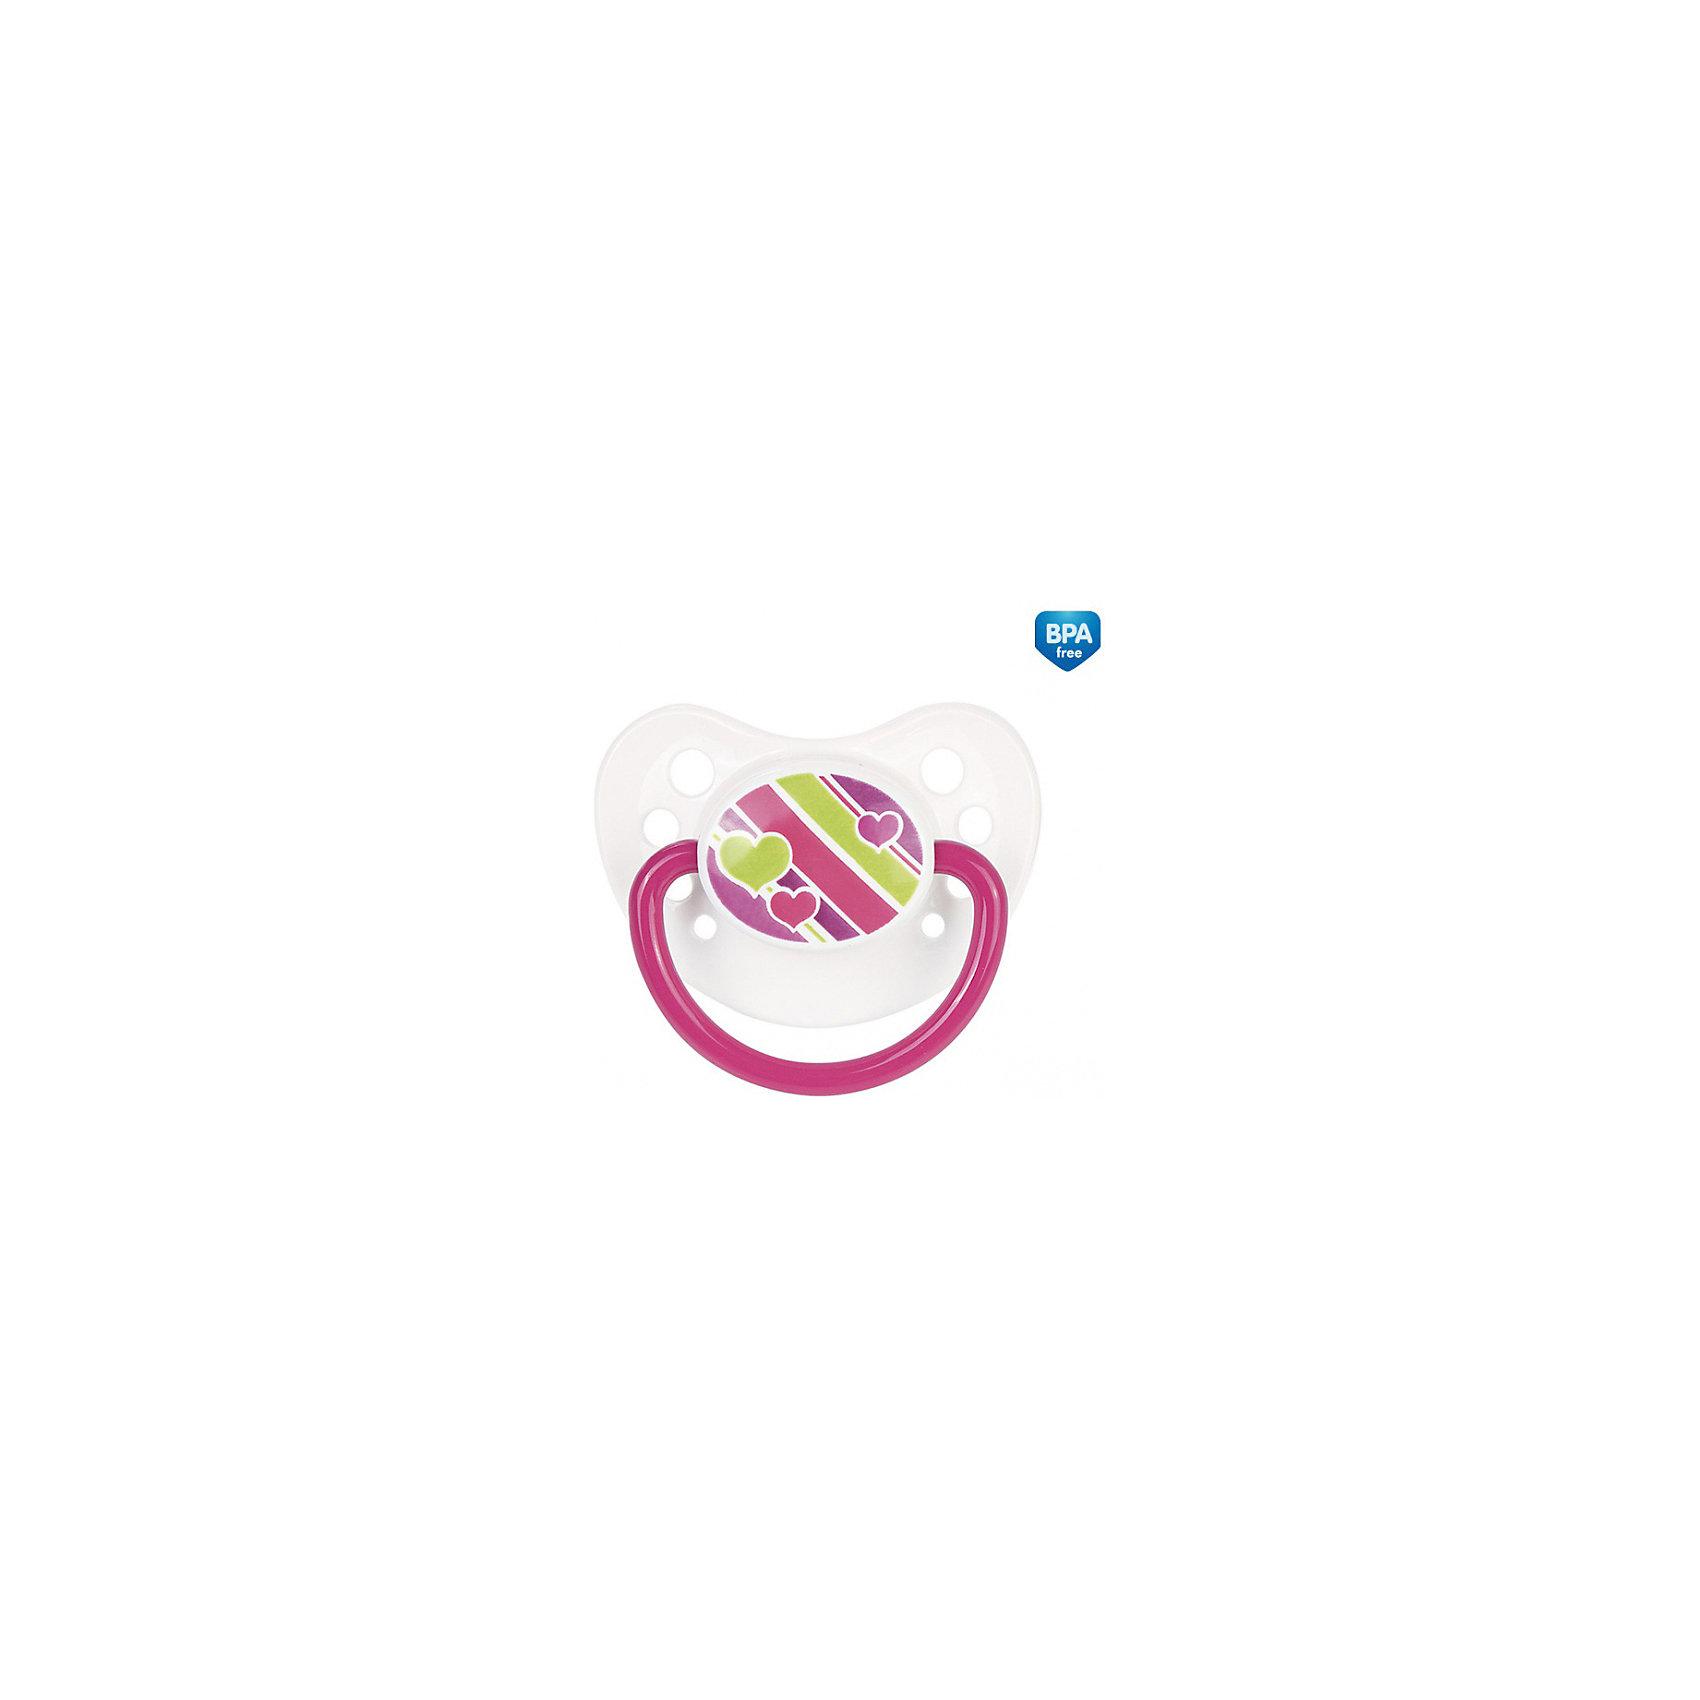 Латексная пустышка , 0-6 мес., Canpol Babies, розовыйПустышки из латекса<br>Латексная пустышка, Canpol Babies (Канпол Бэбис), поможет малышу чувствовать себя комфортно на протяжении всего дня. Движения пустышки имитируют процесс сосания материнской груди и успокаивают ребенка. Соска анатомической формы учитывает строение и естественное развитие неба, зубов и десен малыша и способствует формированию правильного прикуса у ребенка. На диске имеются отверстия для вентиляции, предохраняющие кожу малыша от раздражения. Пустышка выполнена в привлекательном для ребенка дизайне и украшена ярким рисунком в виде сердечек. Изготовлена из высококачественного латекса, легко моется и долго сохраняет форму и цвет. <br><br>Дополнительная информация:<br><br>- Цвет: розовый.<br>- В комплекте: 1 шт.<br>- Материал: латекс<br>- Возраст: 0-6 мес.<br>- Размер упаковки: 15 х 9,5 х 4,5 см.<br>- Вес: 22 гр.<br><br>Латексную пустышку, Canpol Babies (Канпол Бэбис), розовый, можно купить в нашем интернет-магазине.<br><br>Ширина мм: 150<br>Глубина мм: 95<br>Высота мм: 45<br>Вес г: 22<br>Цвет: розовый<br>Возраст от месяцев: 0<br>Возраст до месяцев: 6<br>Пол: Женский<br>Возраст: Детский<br>SKU: 4341877